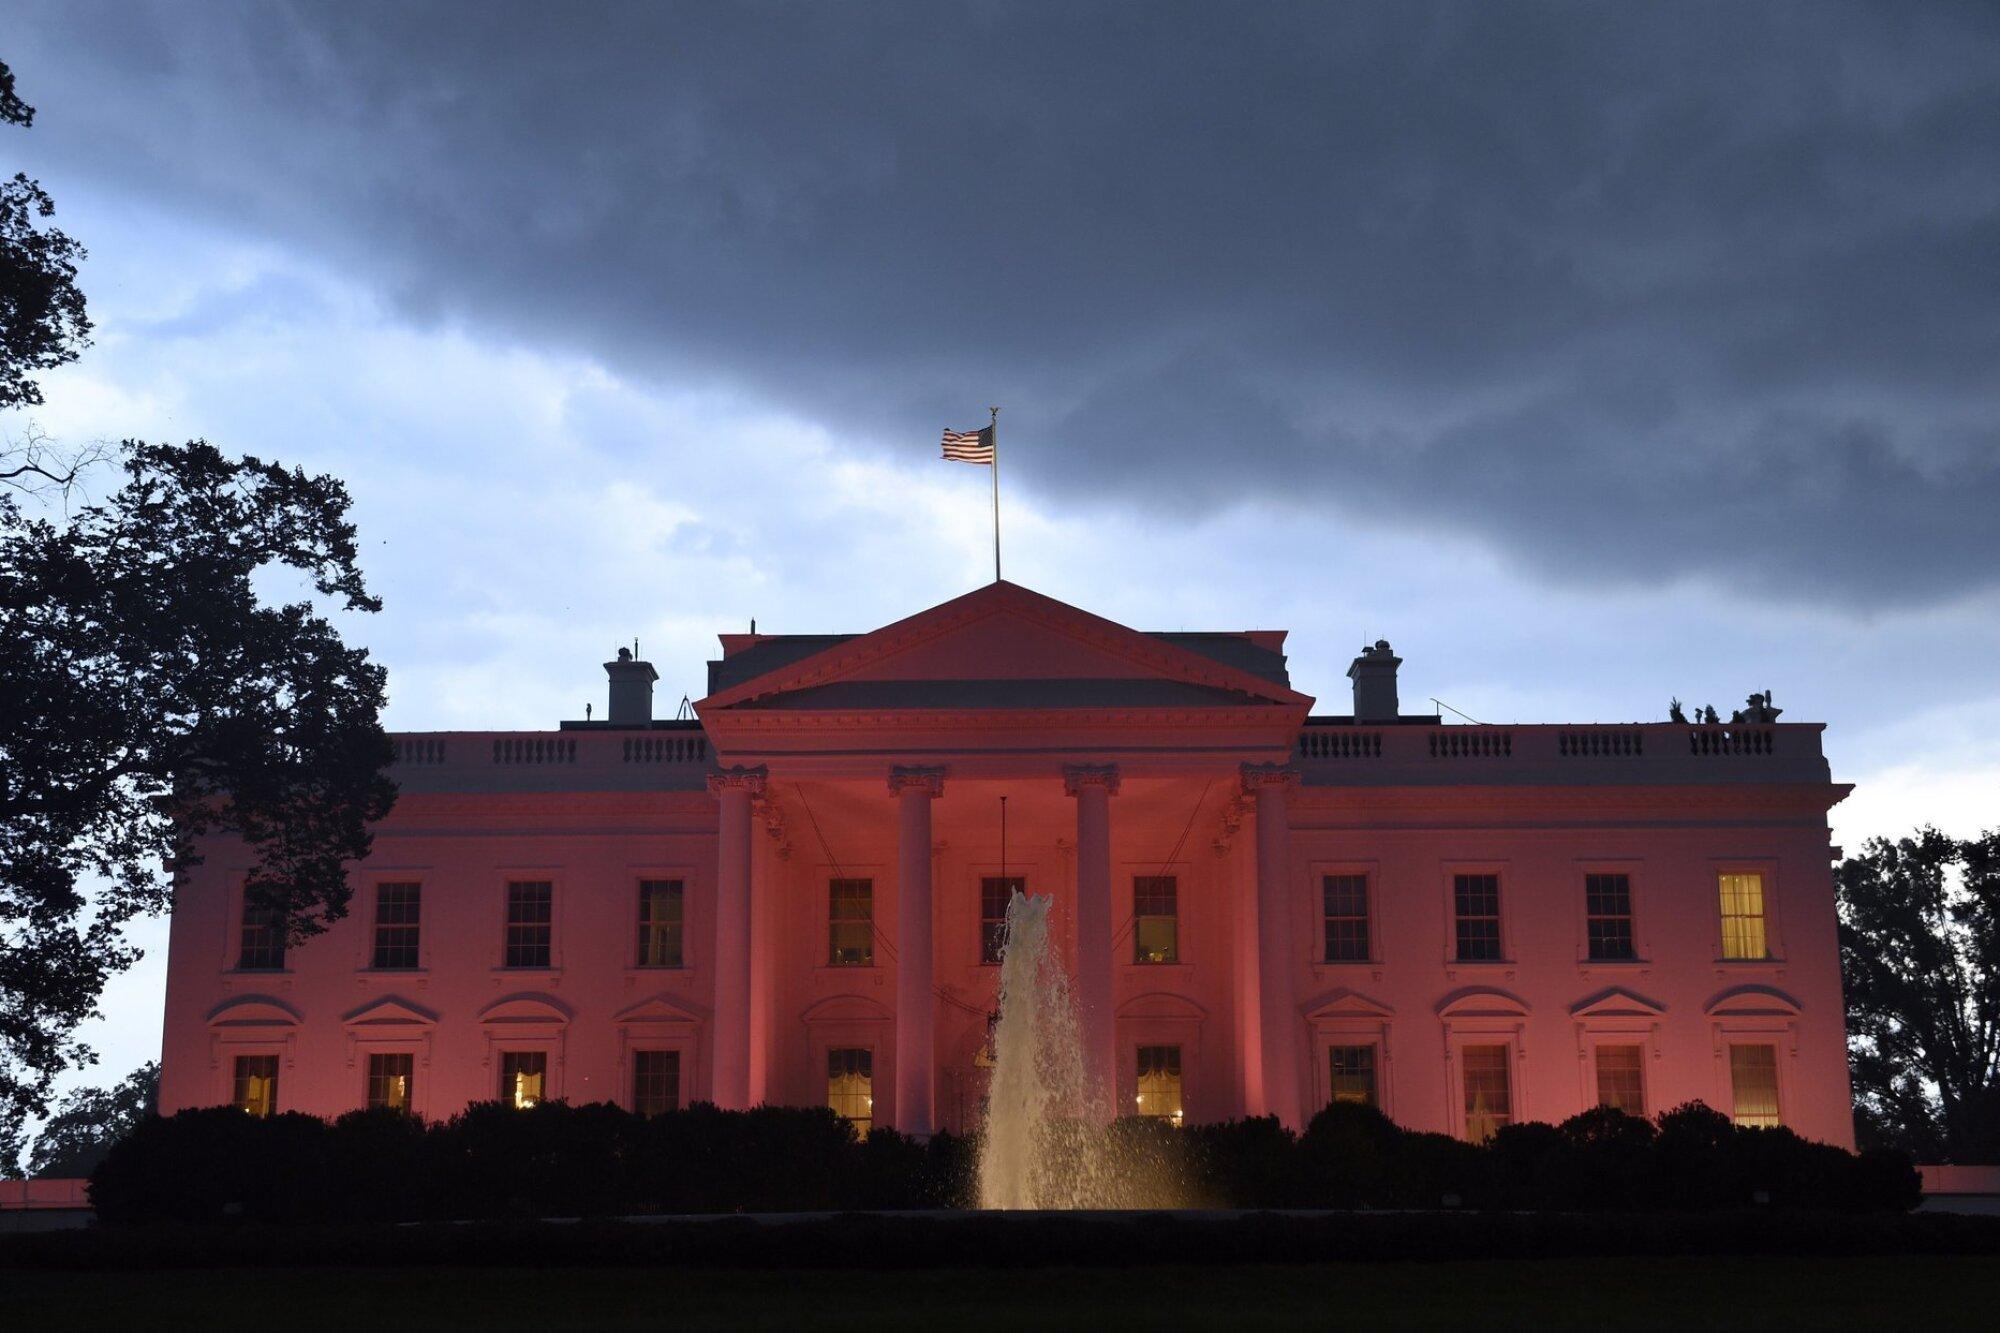 The White House in Washington.